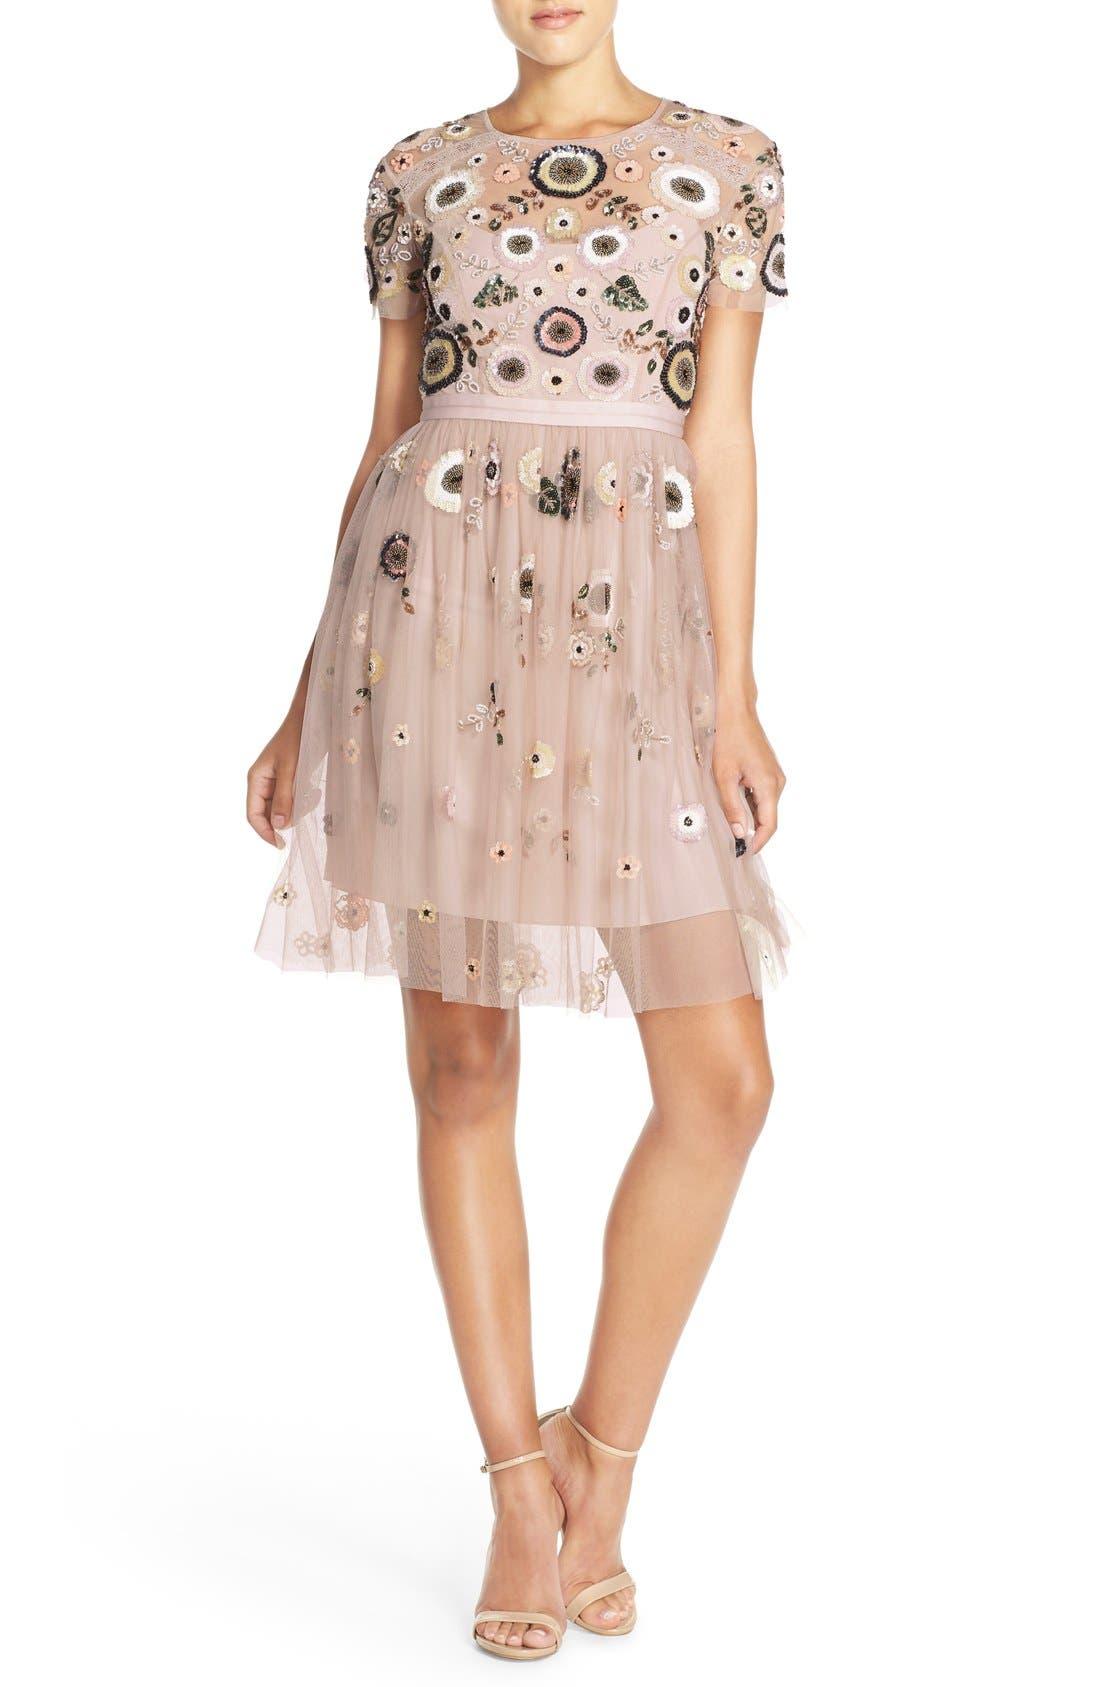 Main Image - Needle & Thread 'Woodland' Embellished Tulle Fit & Flare Dress